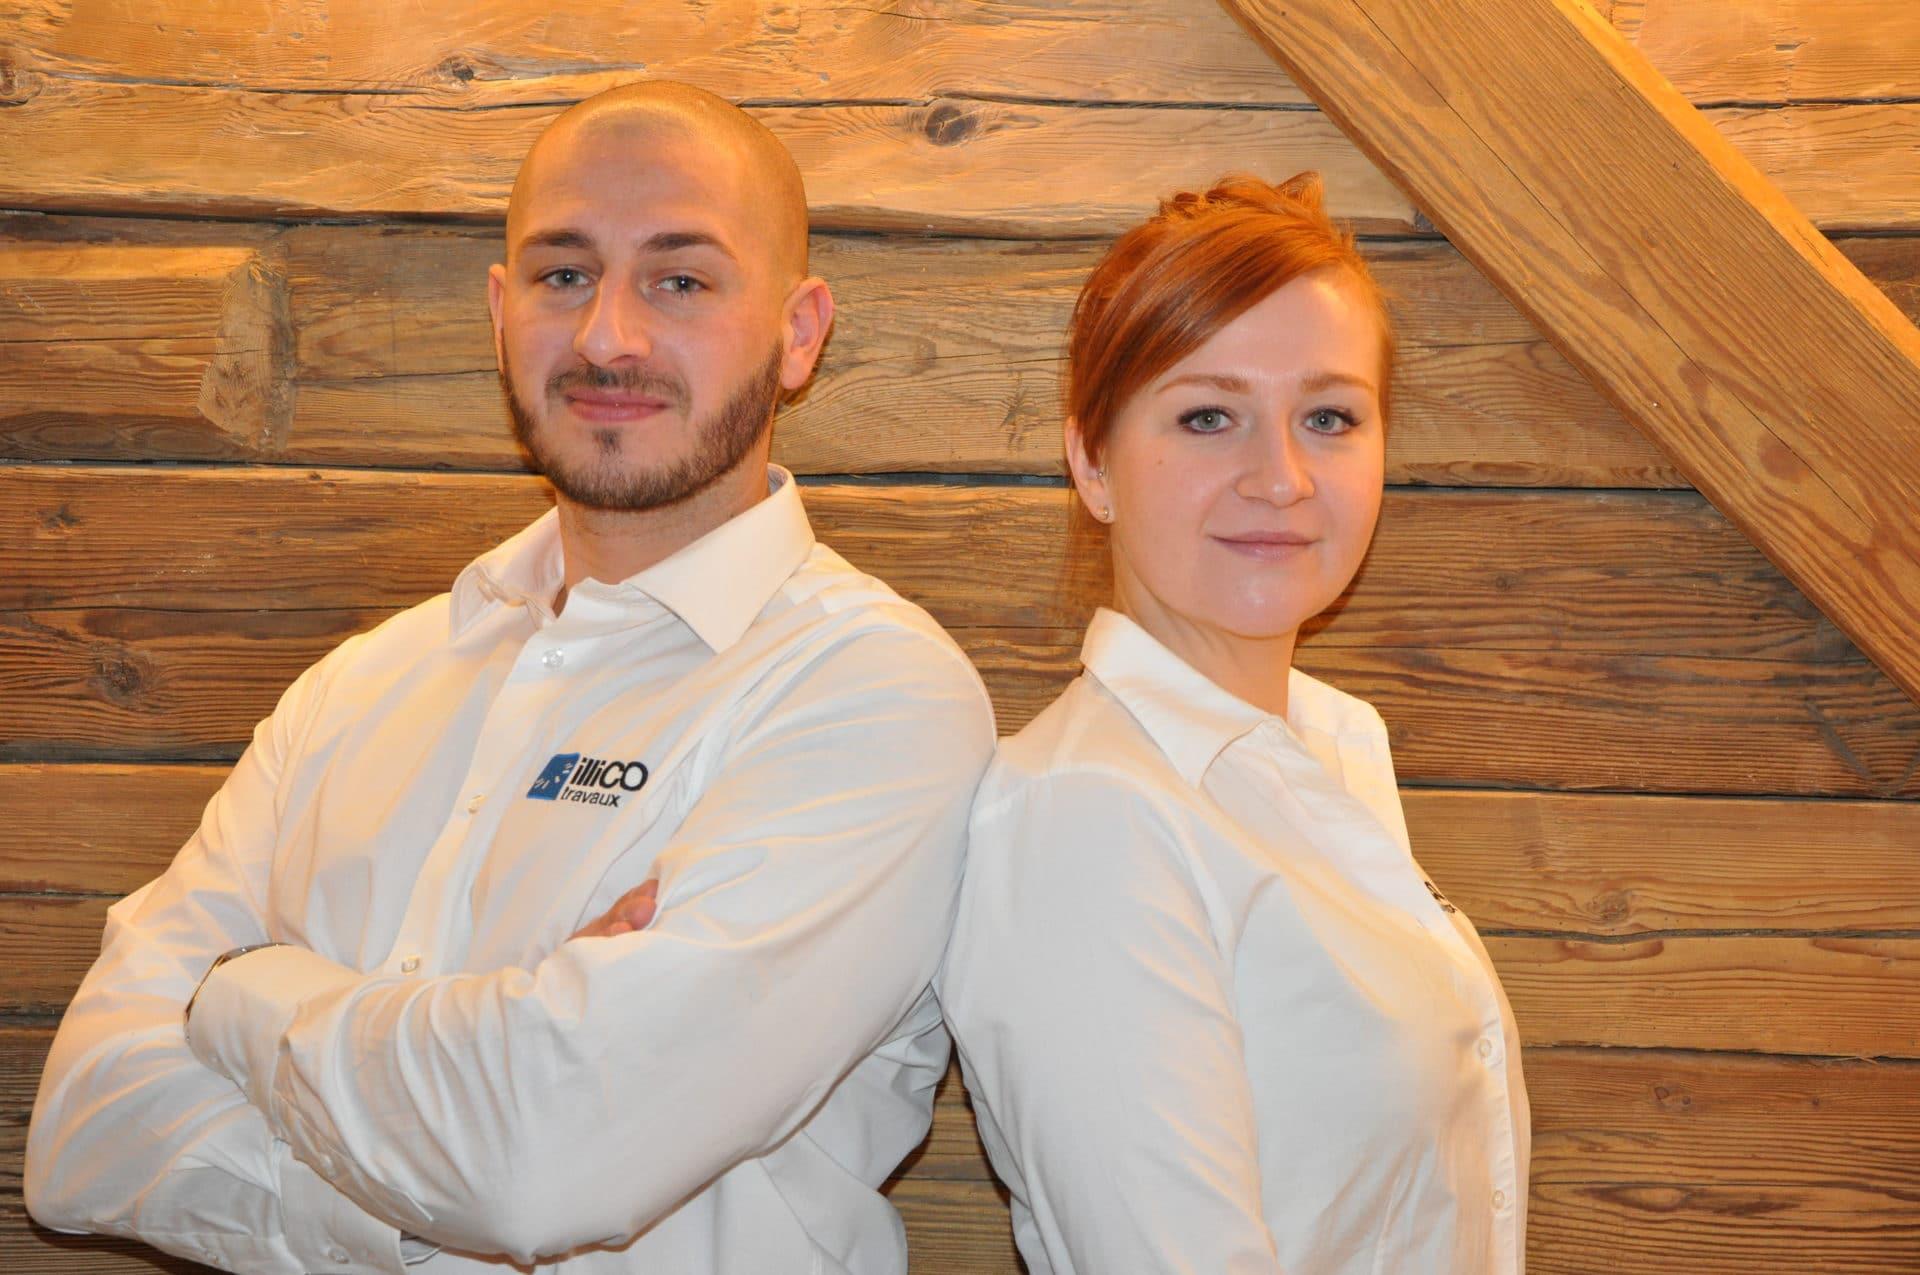 Témoignage de Tiffany et Charles PIERRE, responsables de l'agence illiCO travaux Lagny-sur-Marne